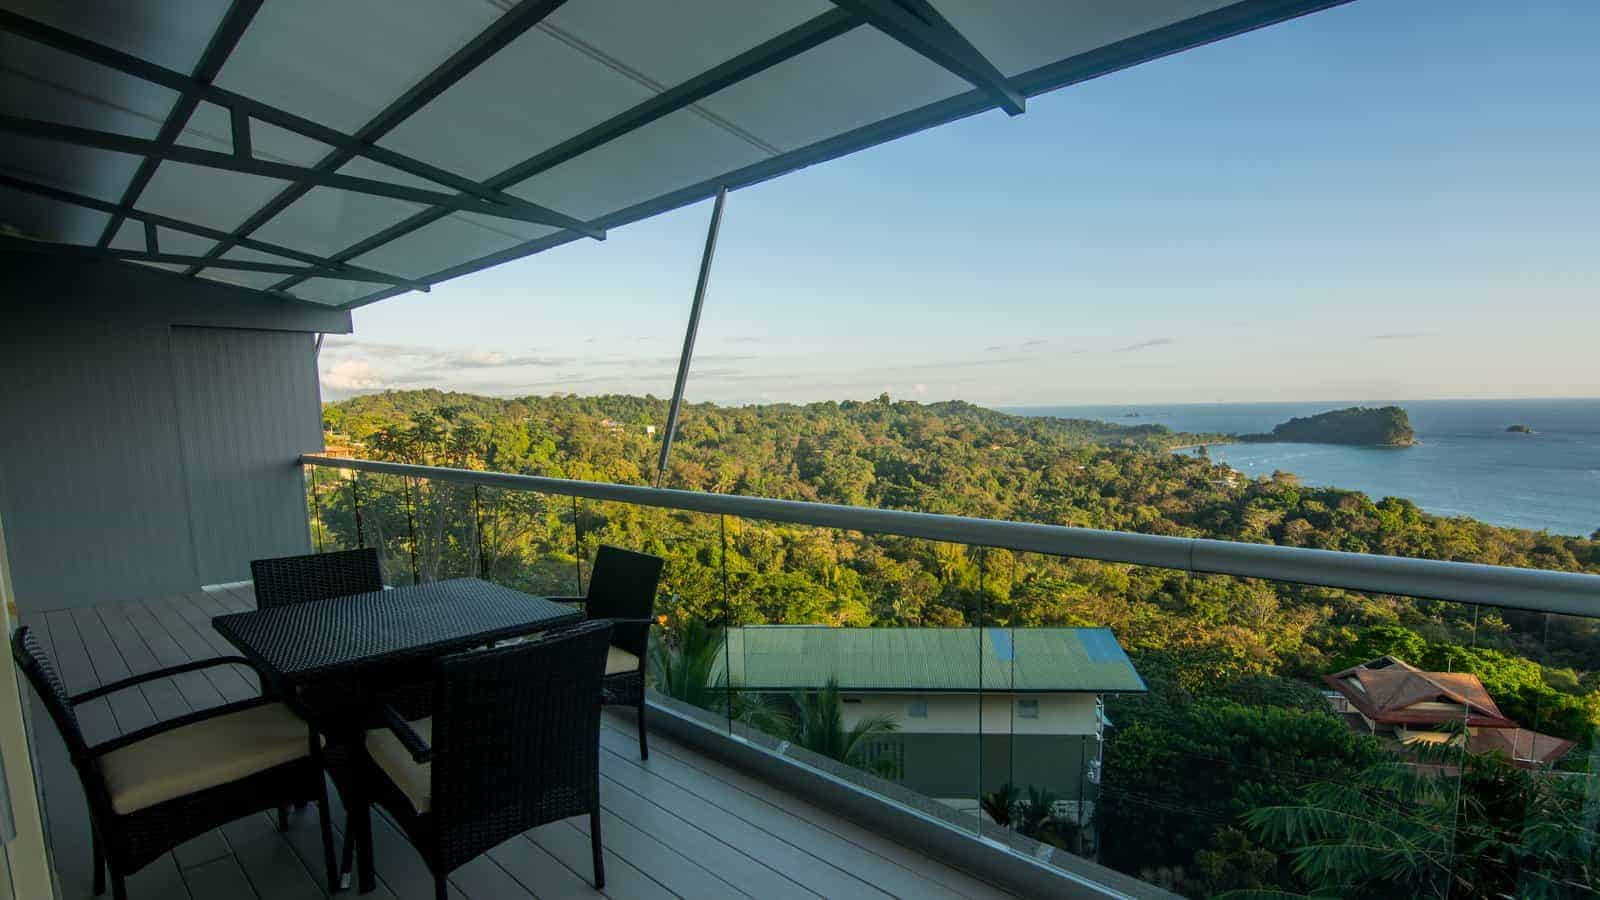 Manuel-Antonio-Vacation-Rental-Apartment-Ocean-View-1bed